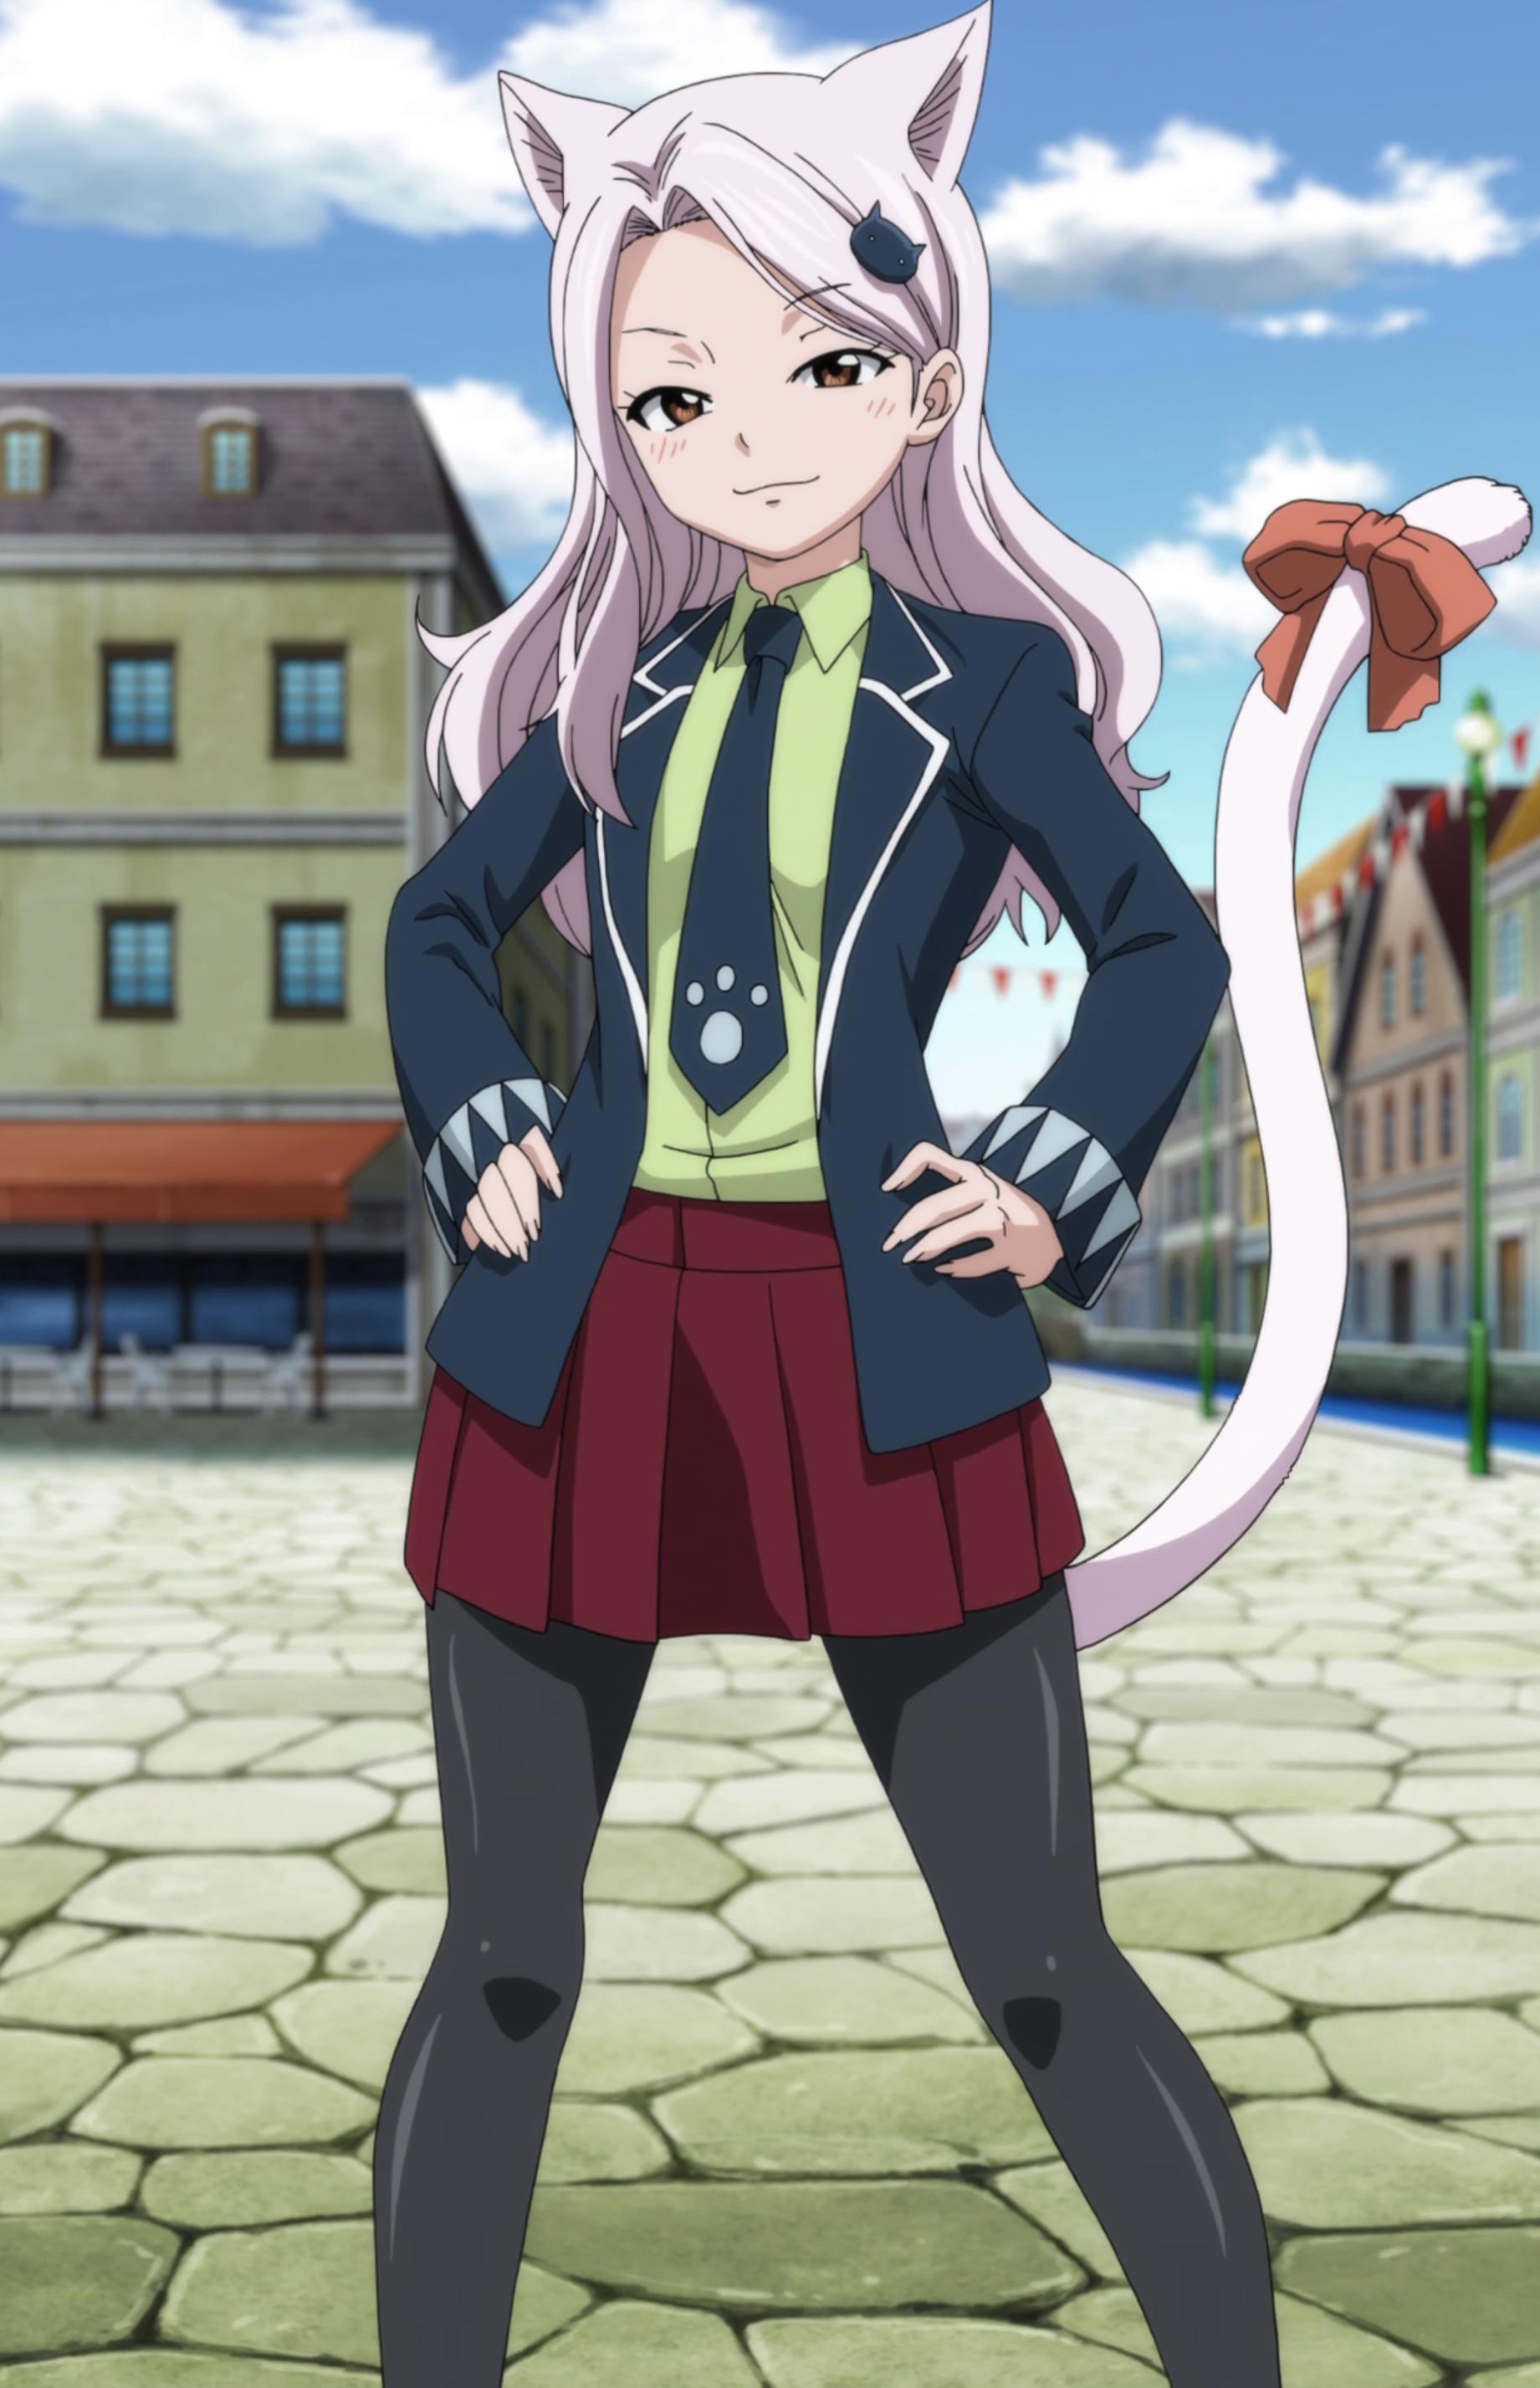 В каких аниме есть девушки с хвостом